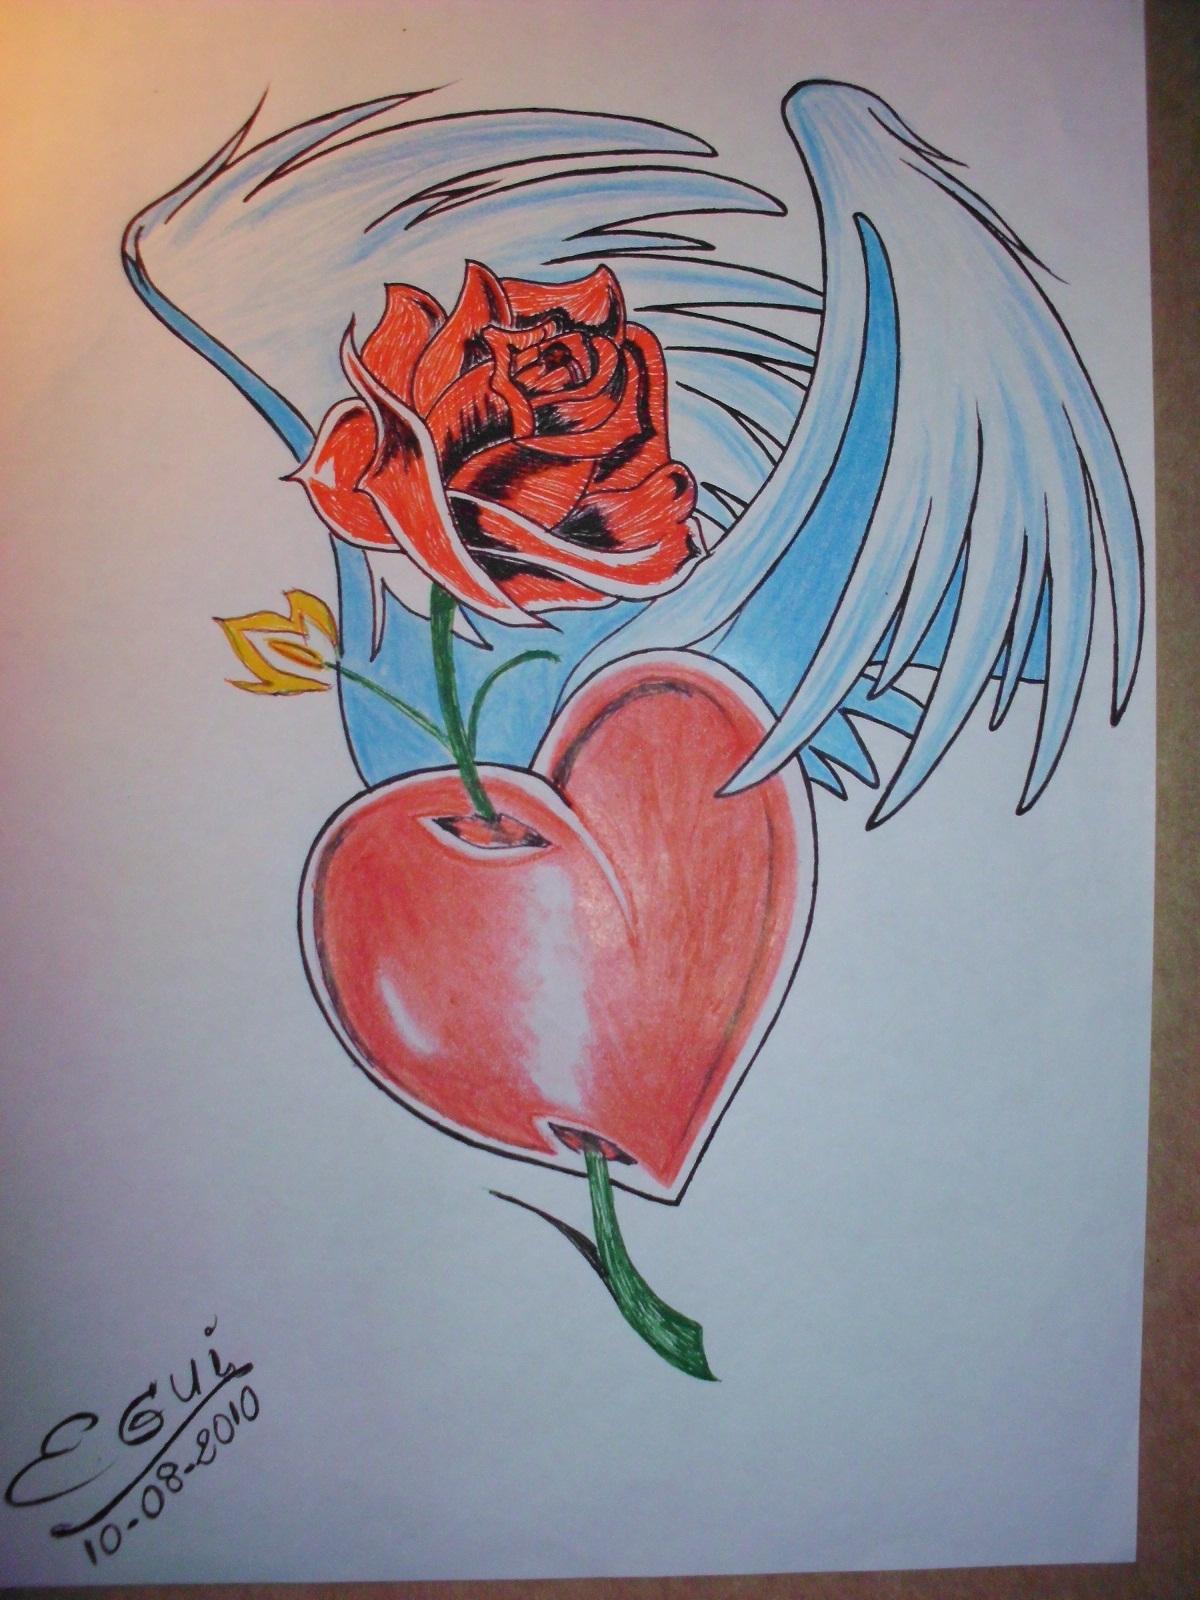 Imagenes De Corazones Con Rosas Para Colorear - Dibujos de CORAZONES para colorear Corona de rosas